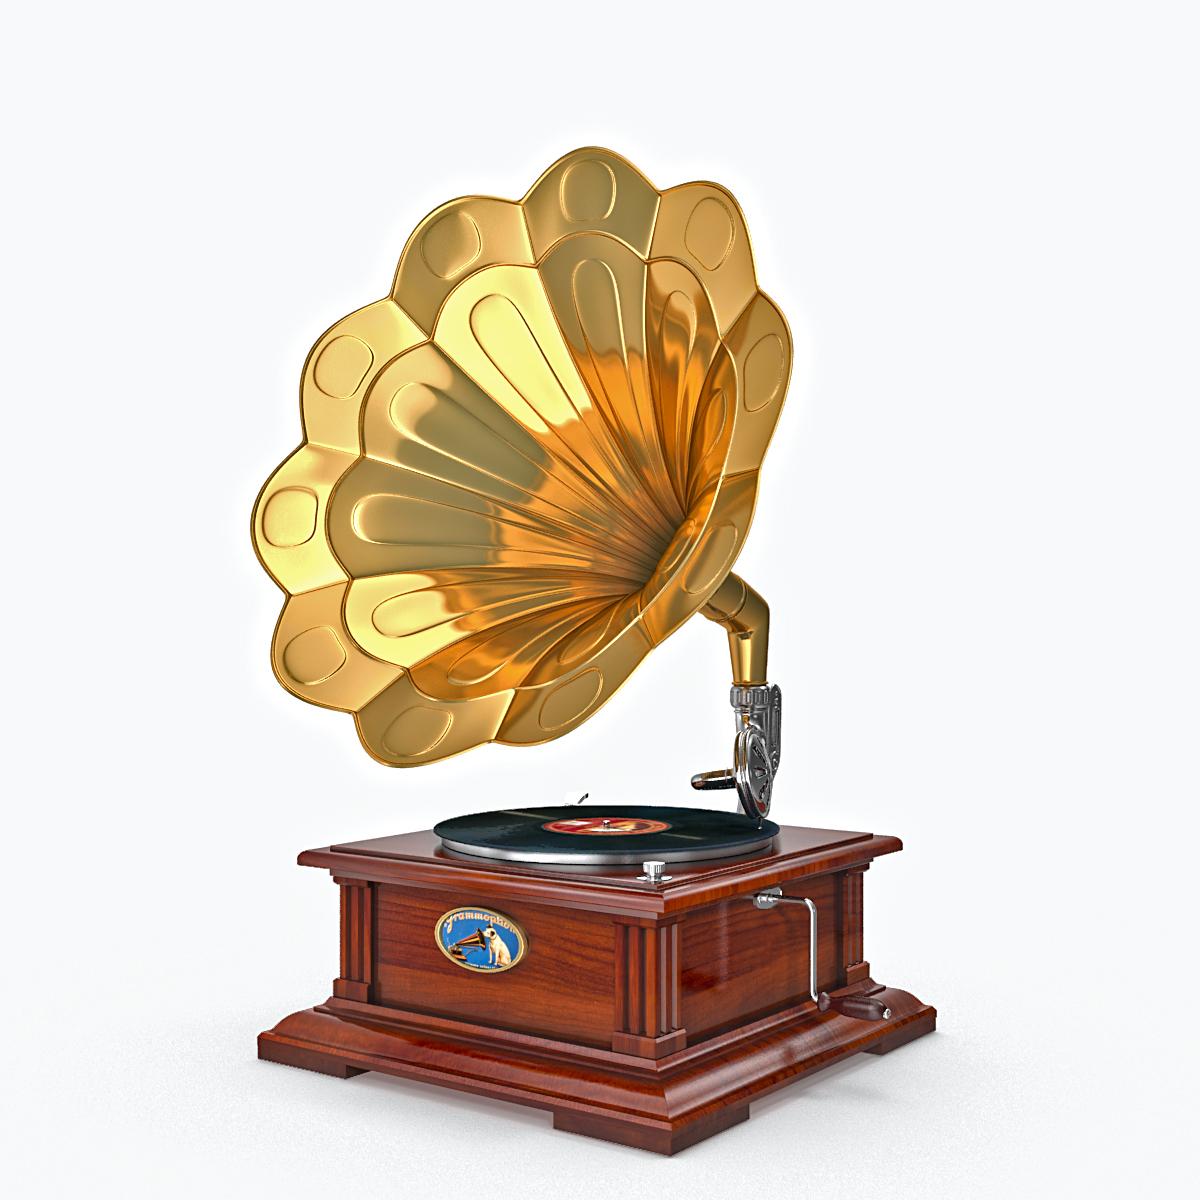 phonograph v1 3d model max fbx obj 217307